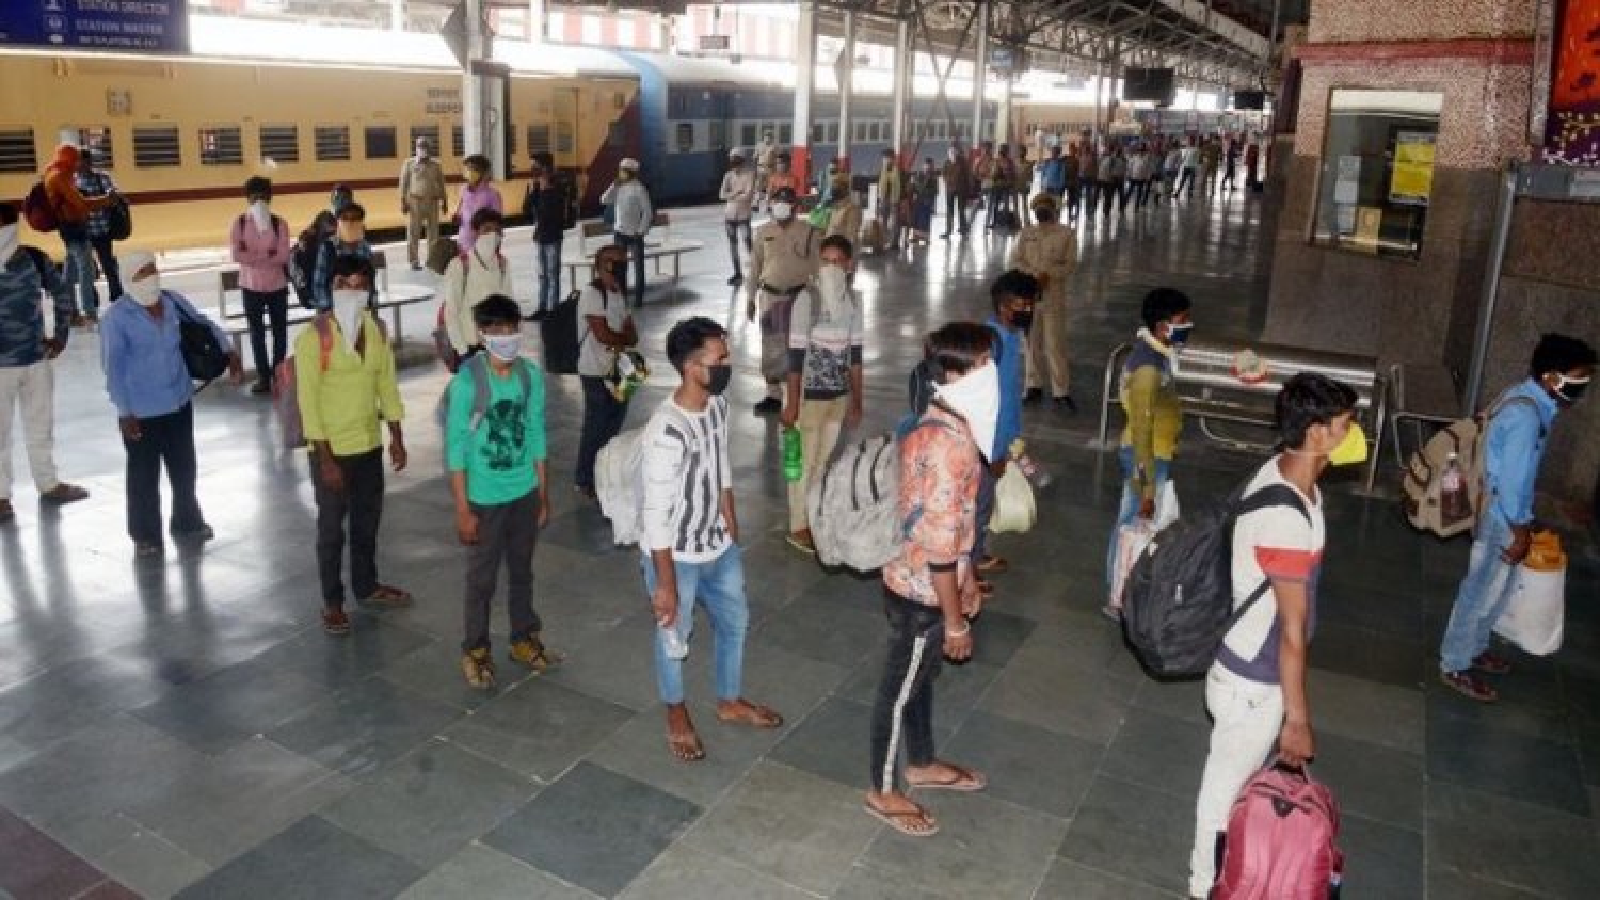 Đường sắt Ấn Độ vận hành trở lại từ ngày 12/5